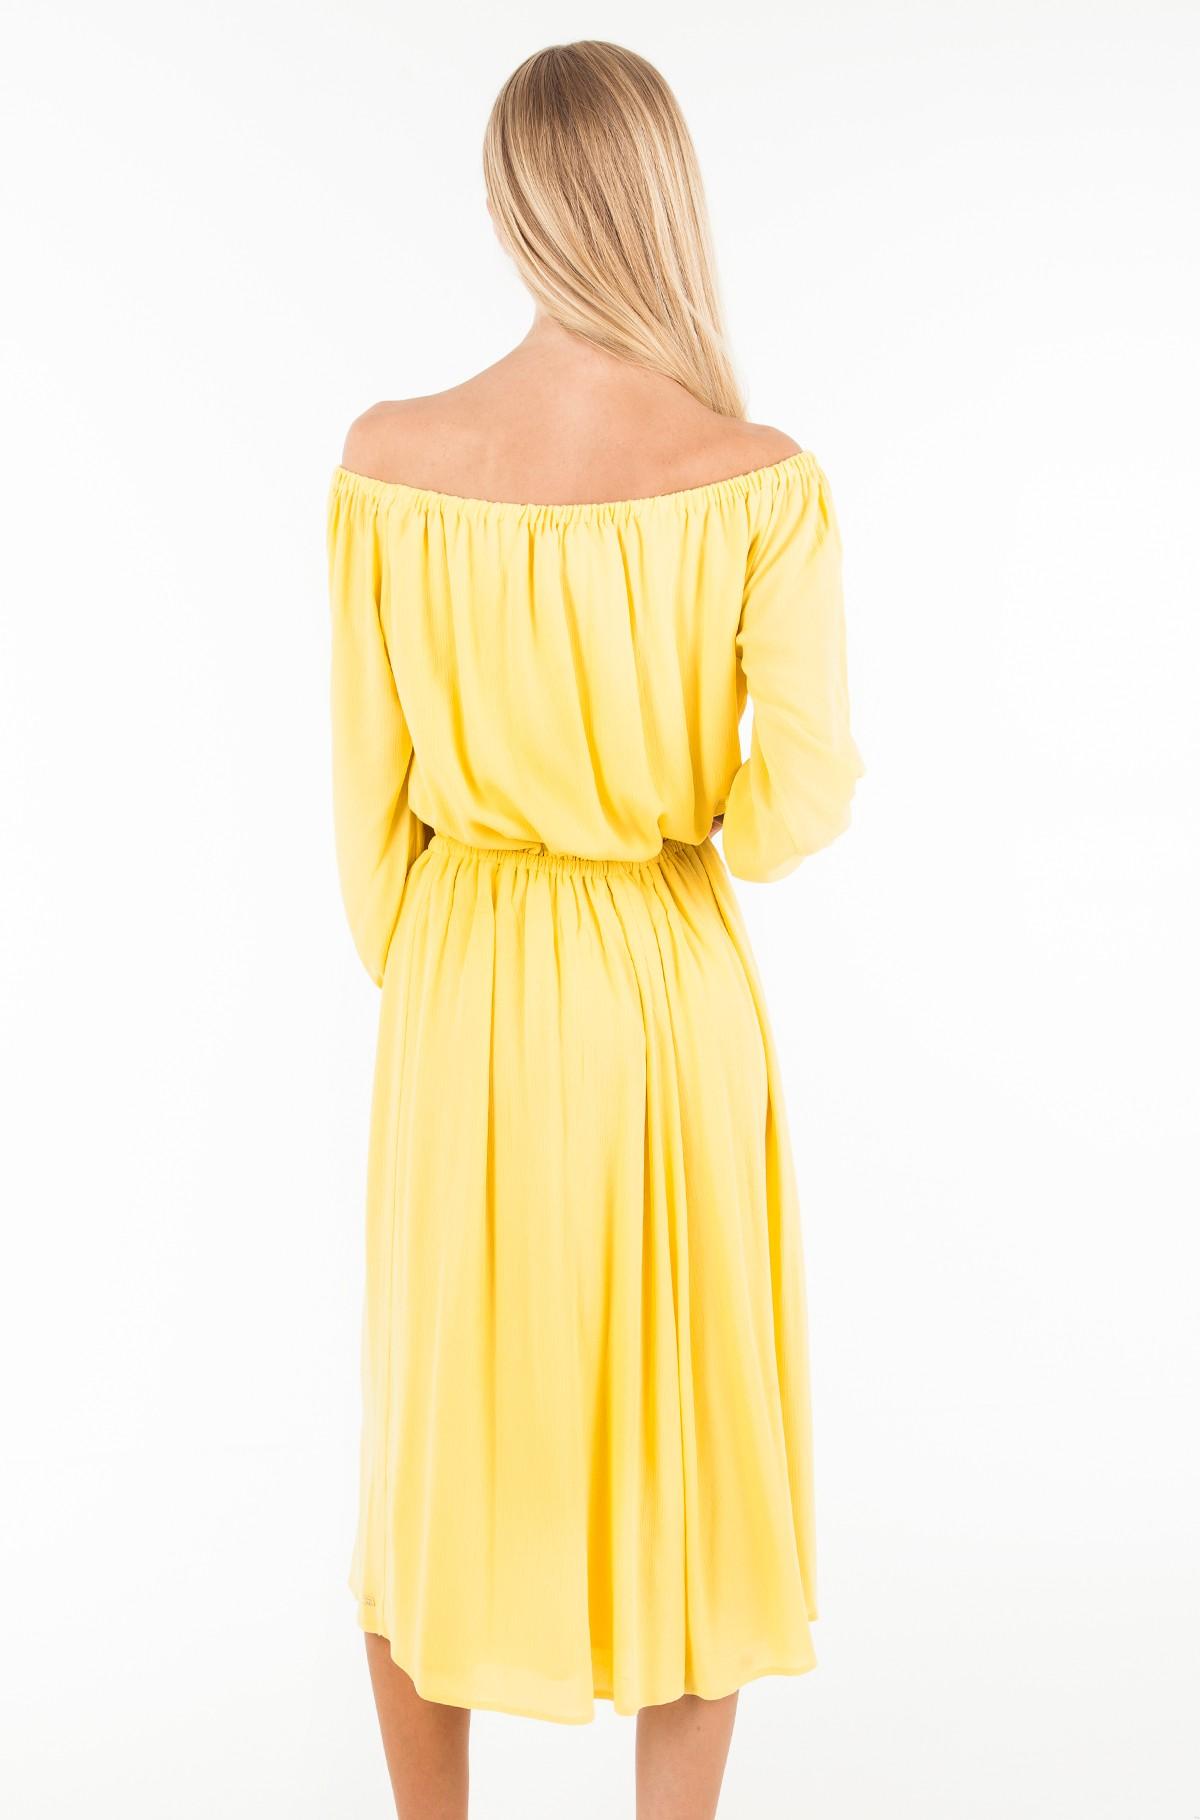 Dress RACHEL MIDI DRESS 3/4 SLV-full-2